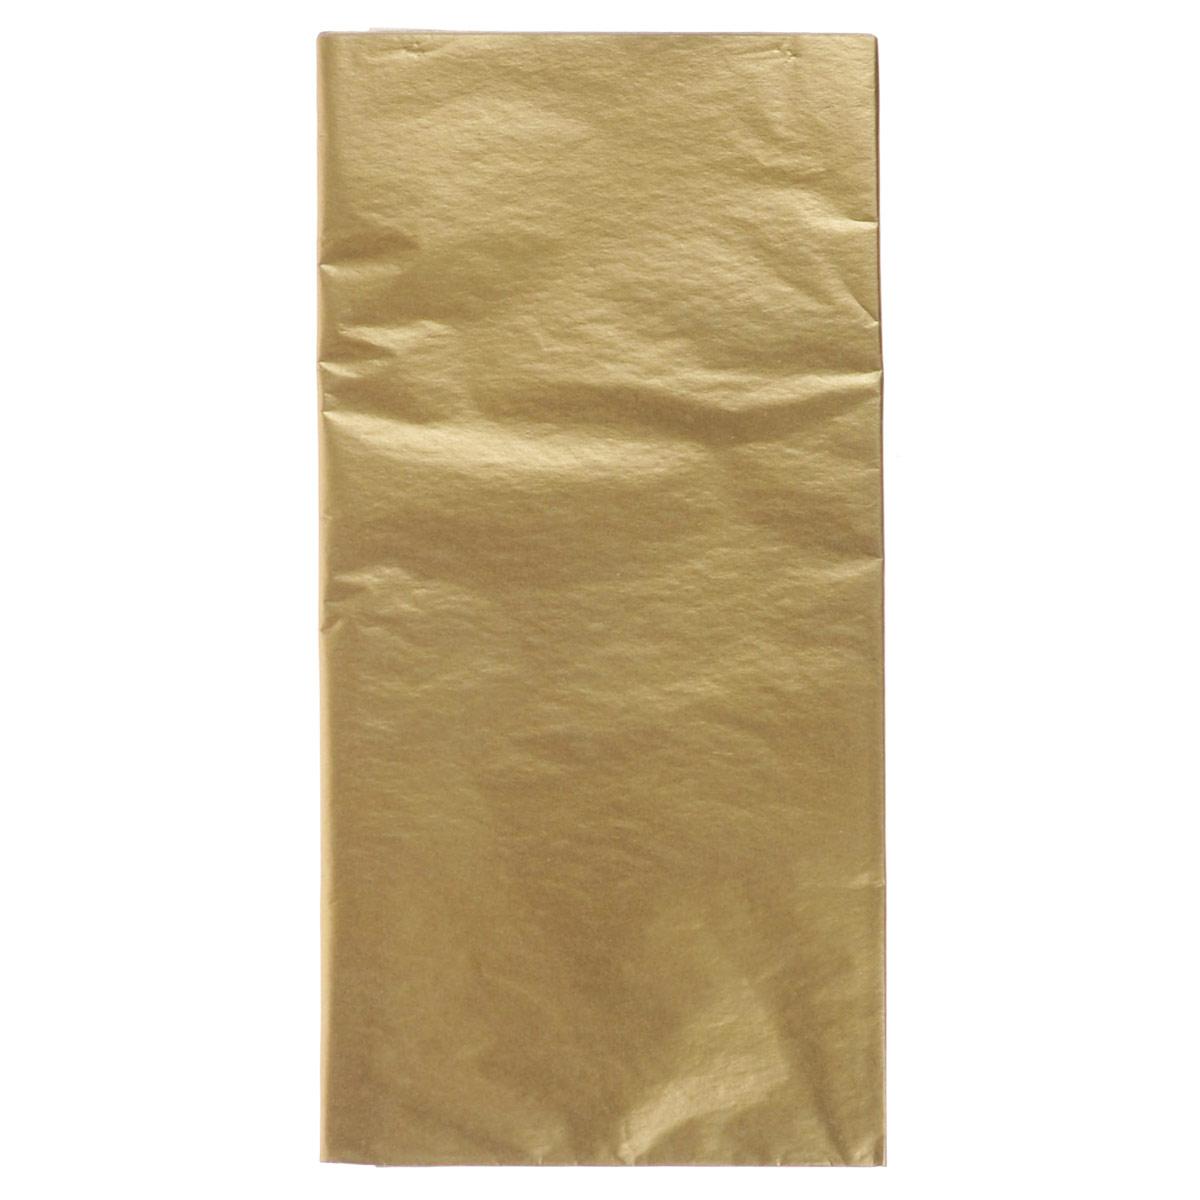 Бумага папиросная Folia, цвет: золотистый (65), 50 х 70 см, 5 листов. 7708124_657708124_65Бумага папиросная Folia - это великолепная тонкая и эластичная декоративная бумага. Такая бумага очень хороша для изготовления своими руками цветов и букетов с конфетами, топиариев, декорирования праздничных мероприятий. Также из нее получается шикарная упаковка для подарков. Интересный эффект дает сочетание мягкой полупрозрачной фактуры папиросной бумаги с жатыми и матовыми фактурами: креп-бумагой, тутовой и различными видами картона. Бумага очень тонкая, полупрозрачная - поэтому ее можно оригинально использовать в декоре стекла, светильников и гирлянд. Достаточно большие размеры листа и богатая цветовая палитра дают простор вашей творческой фантазии.Размер листа: 50 см х 70 см.Плотность: 20 г/м2.